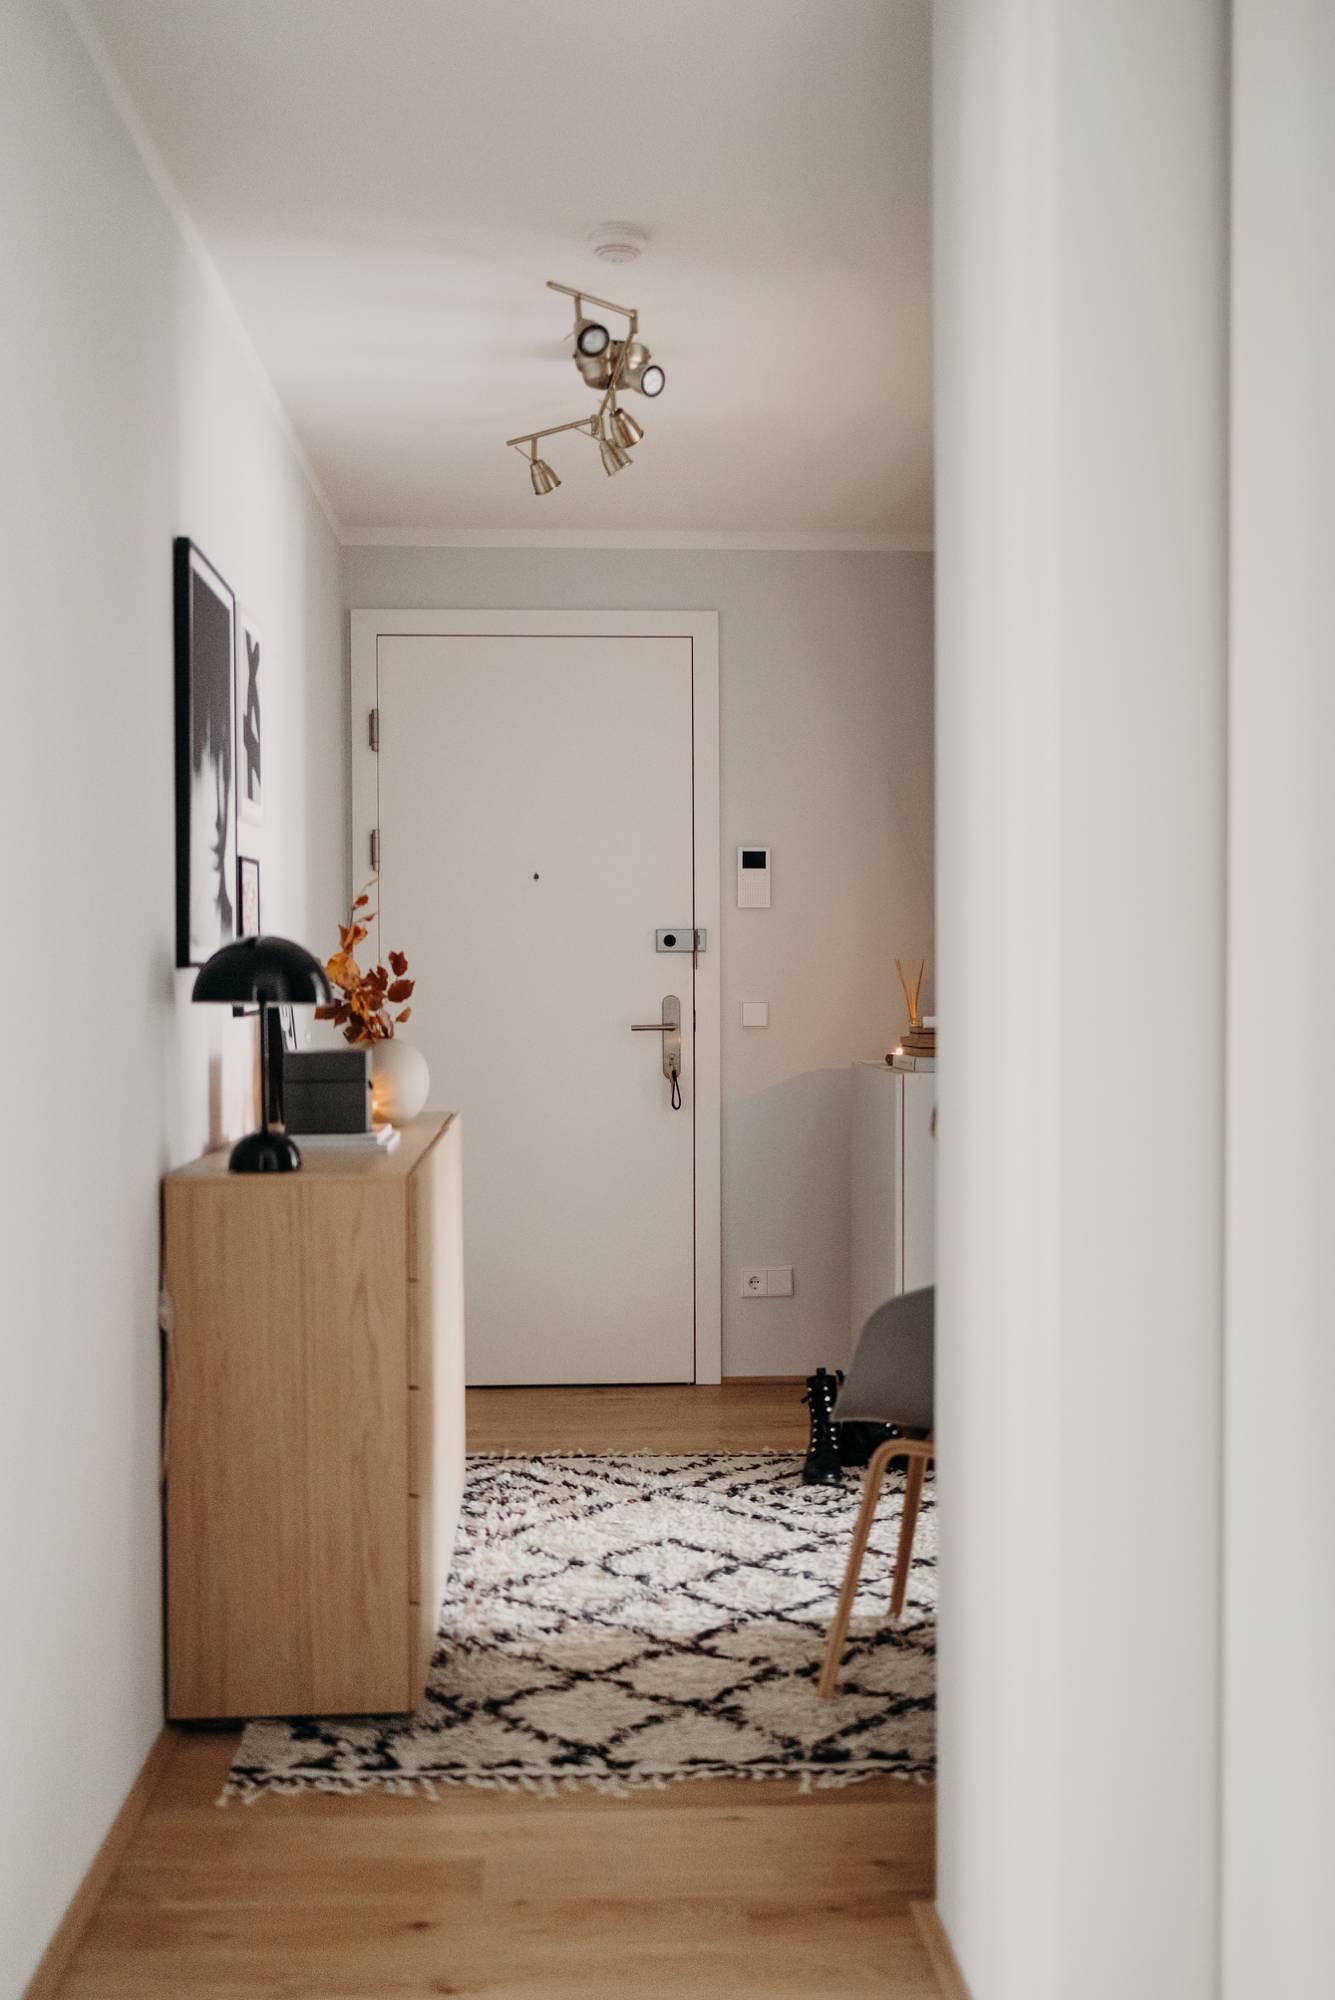 Inspiration für den Eingangsbereich © Wiener Wohnsinn